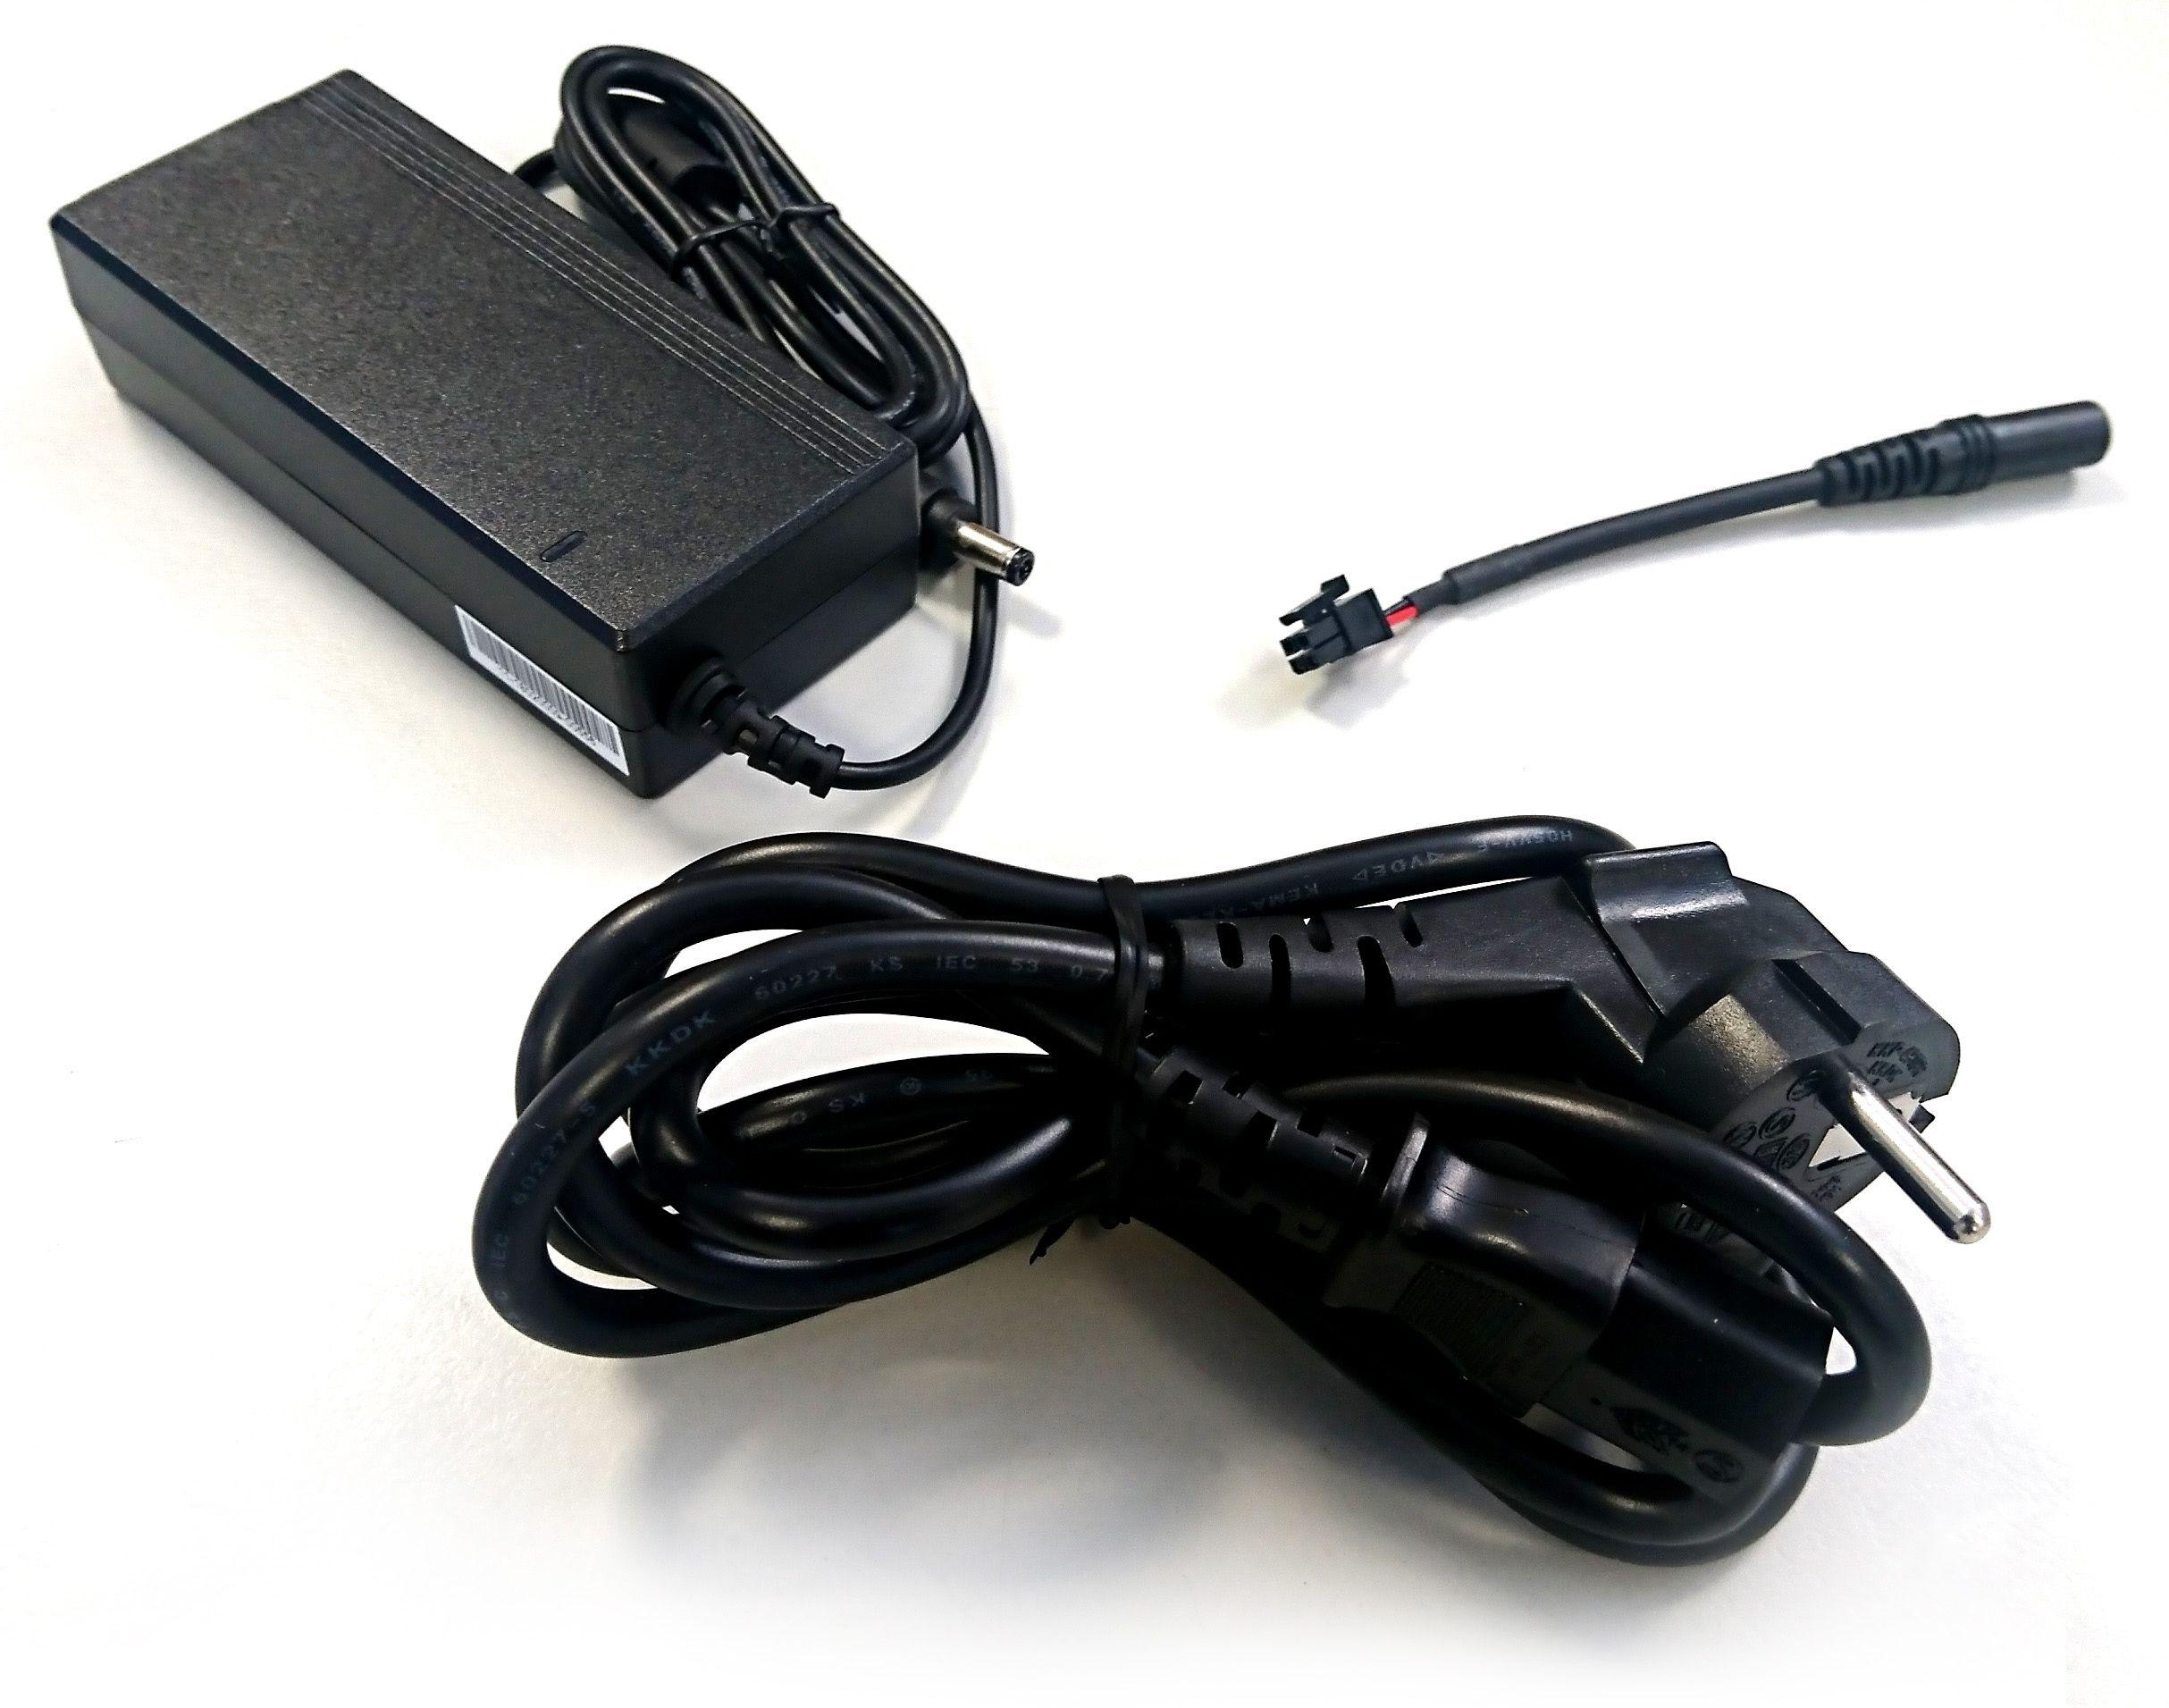 Selfsat SNIPE 3 220V/230V Netzteil (Adaptor Kit)